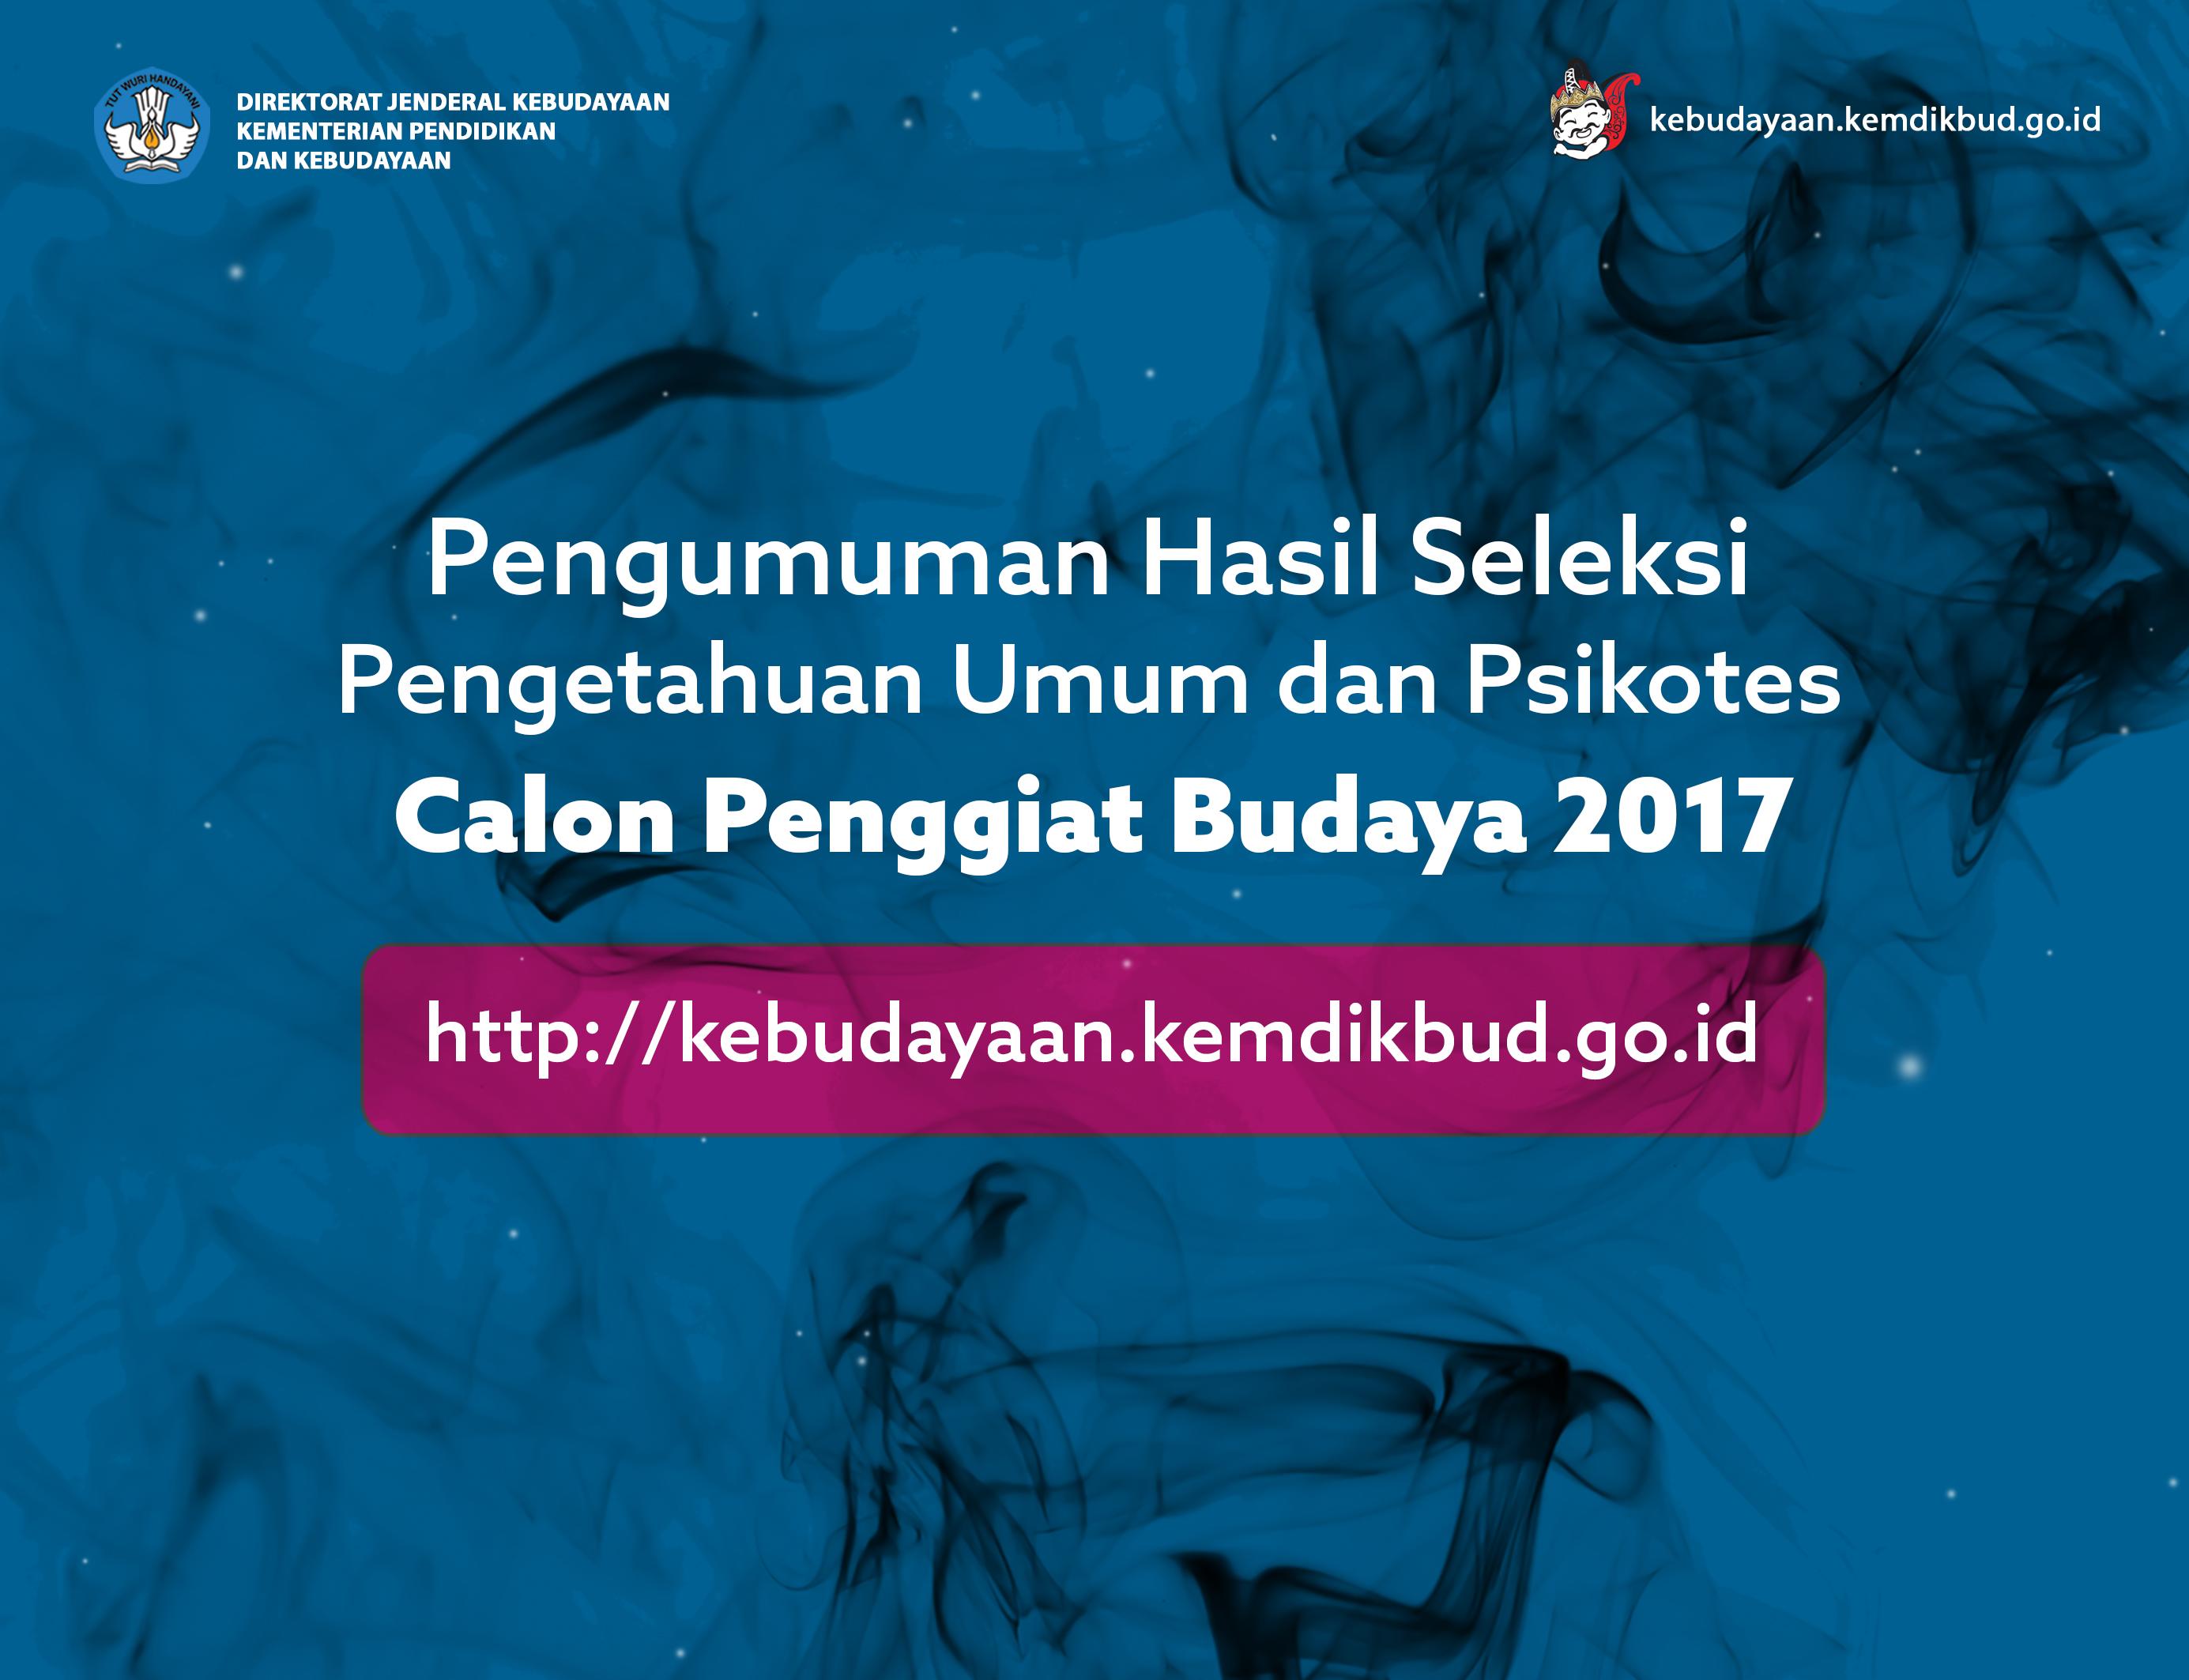 You are currently viewing Pengumuman Hasil Seleksi Pengetahuan Umum dan Psikotes Calon Penggiat Budaya 2017